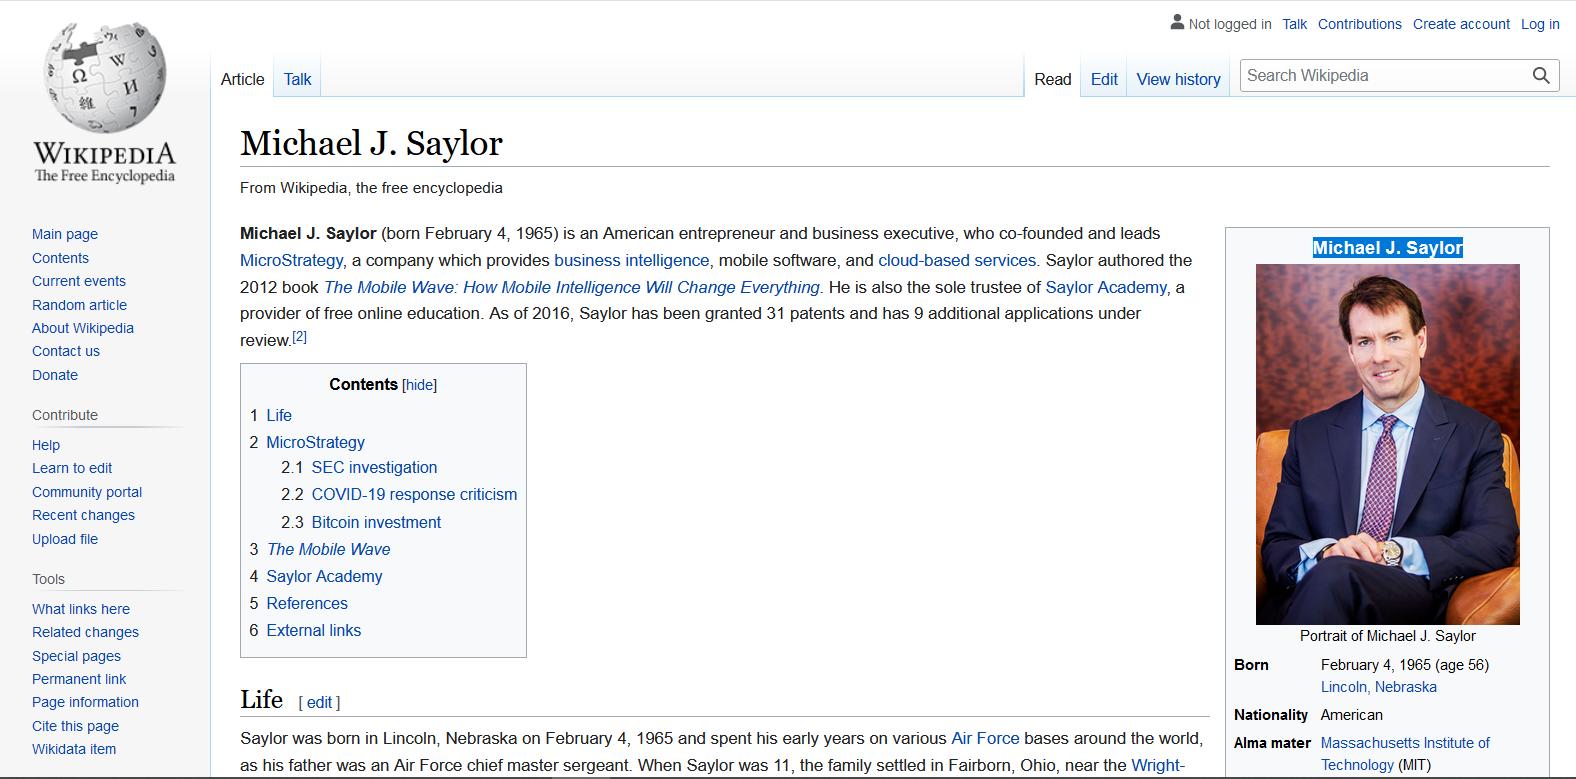 Michael J. Saylor